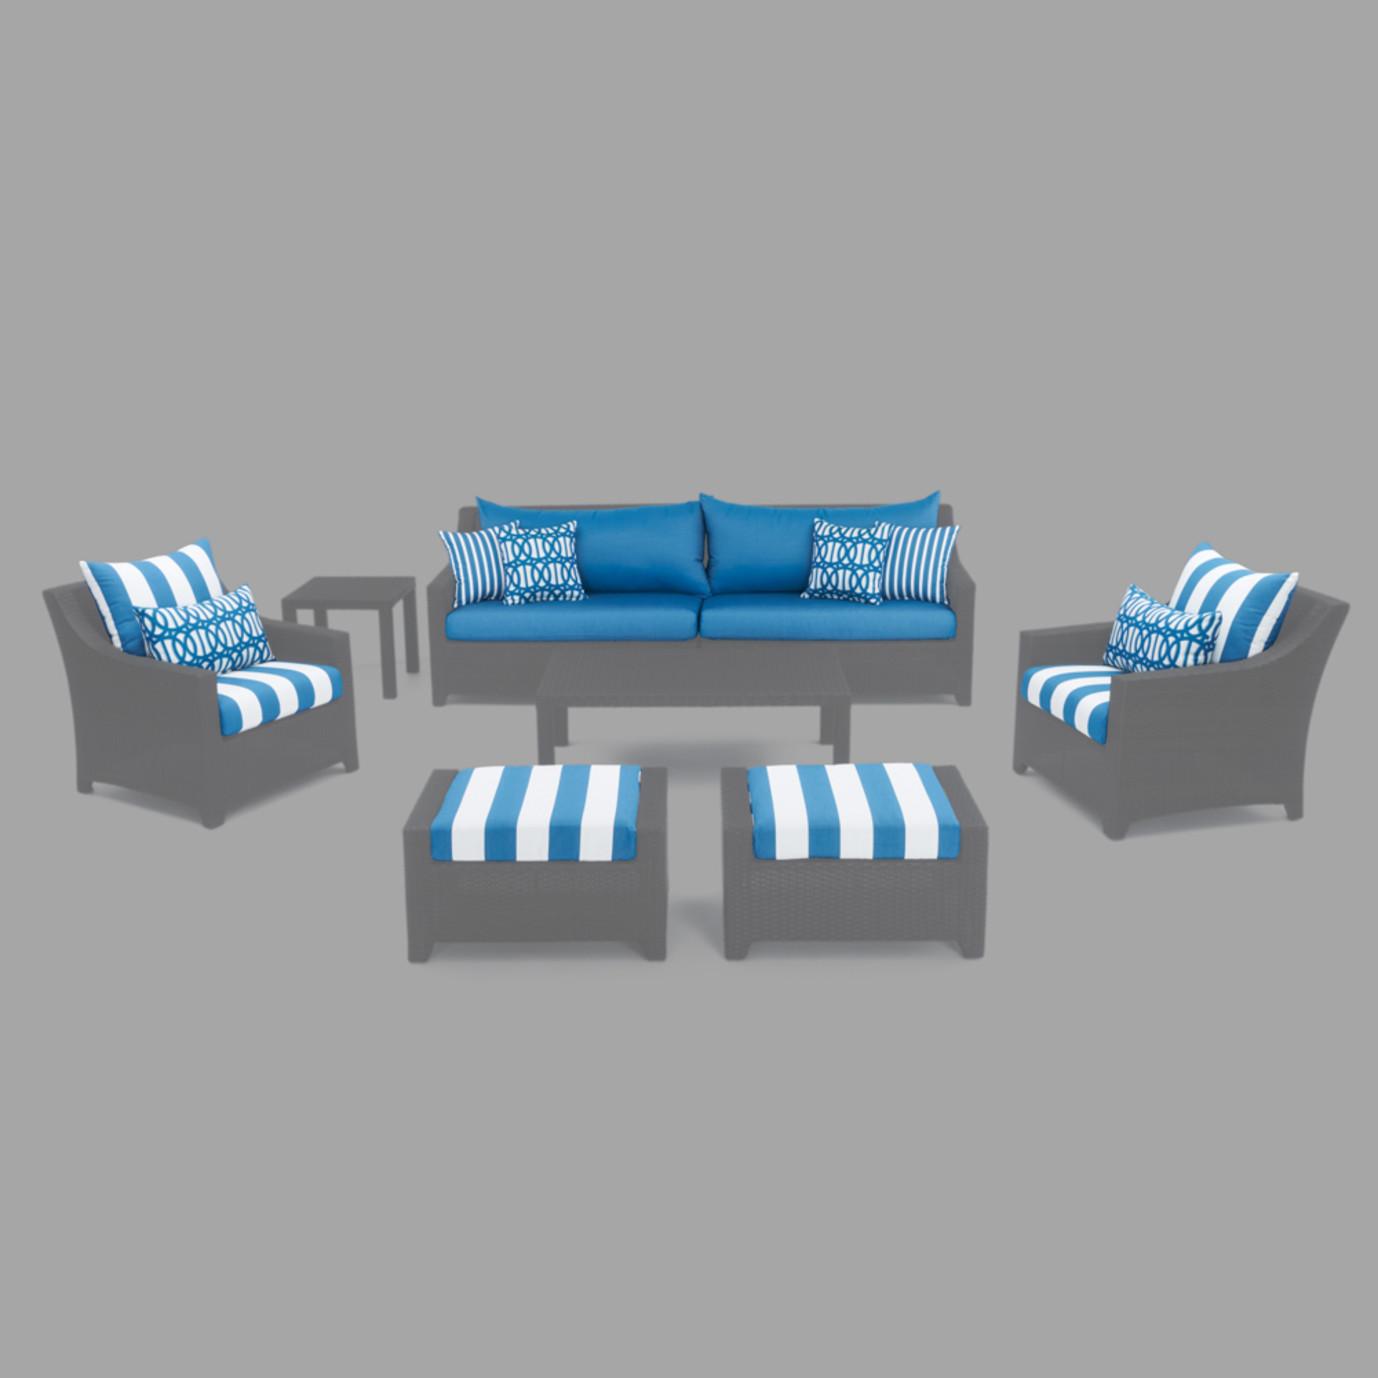 Modular Outdoor 8pc Club Cushion Cover Set - Regatta Blue